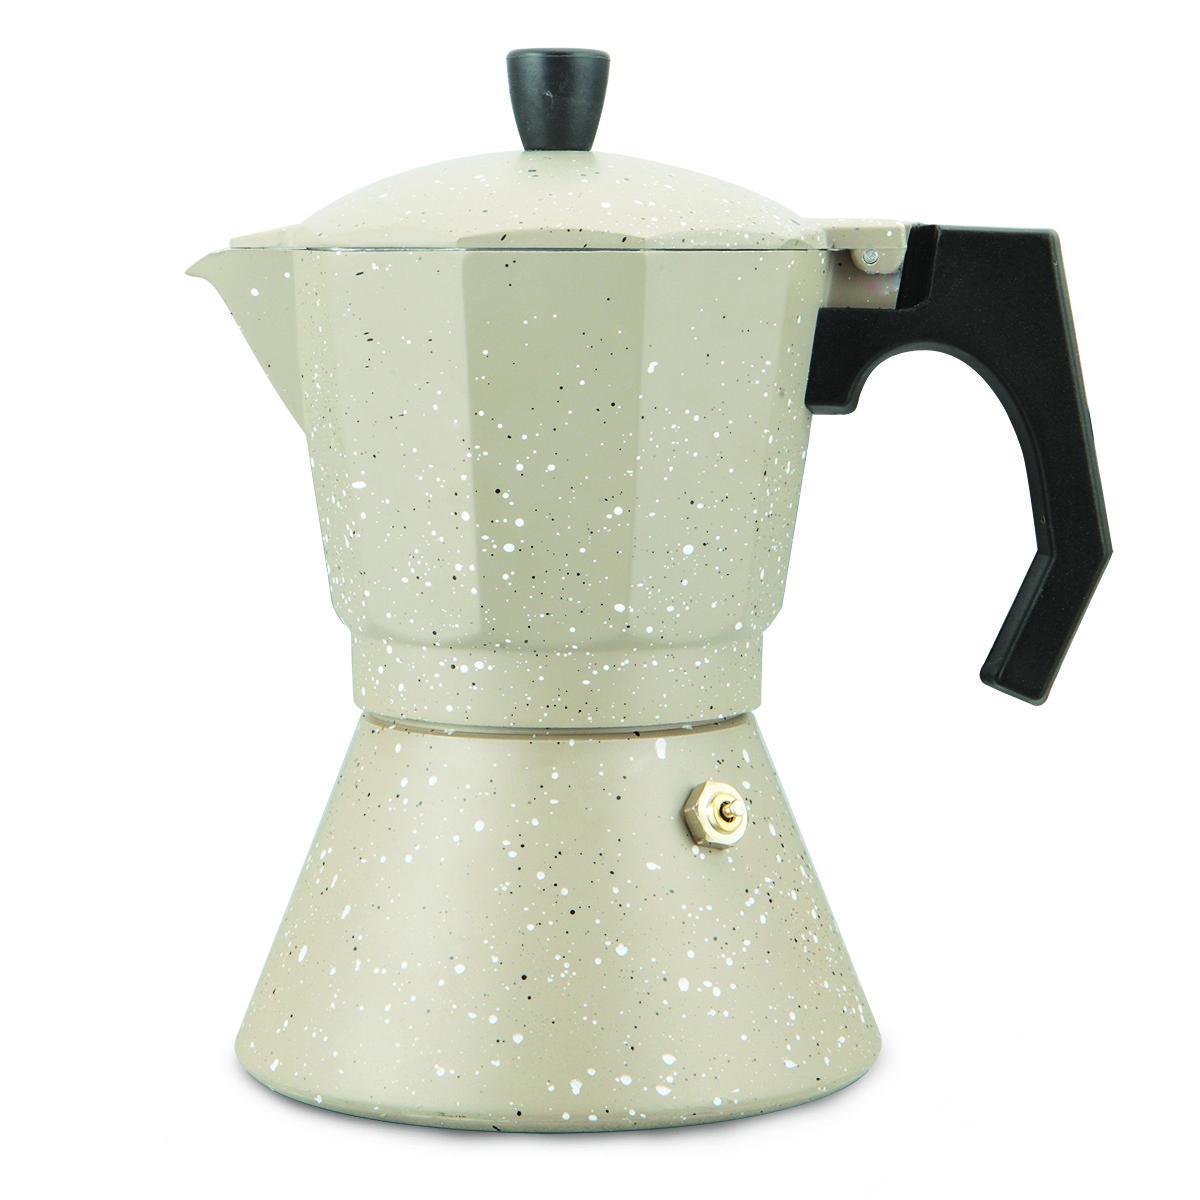 Кофеварка гейзерная 150мл (3 порции) из алюминия с широким индукционным дном